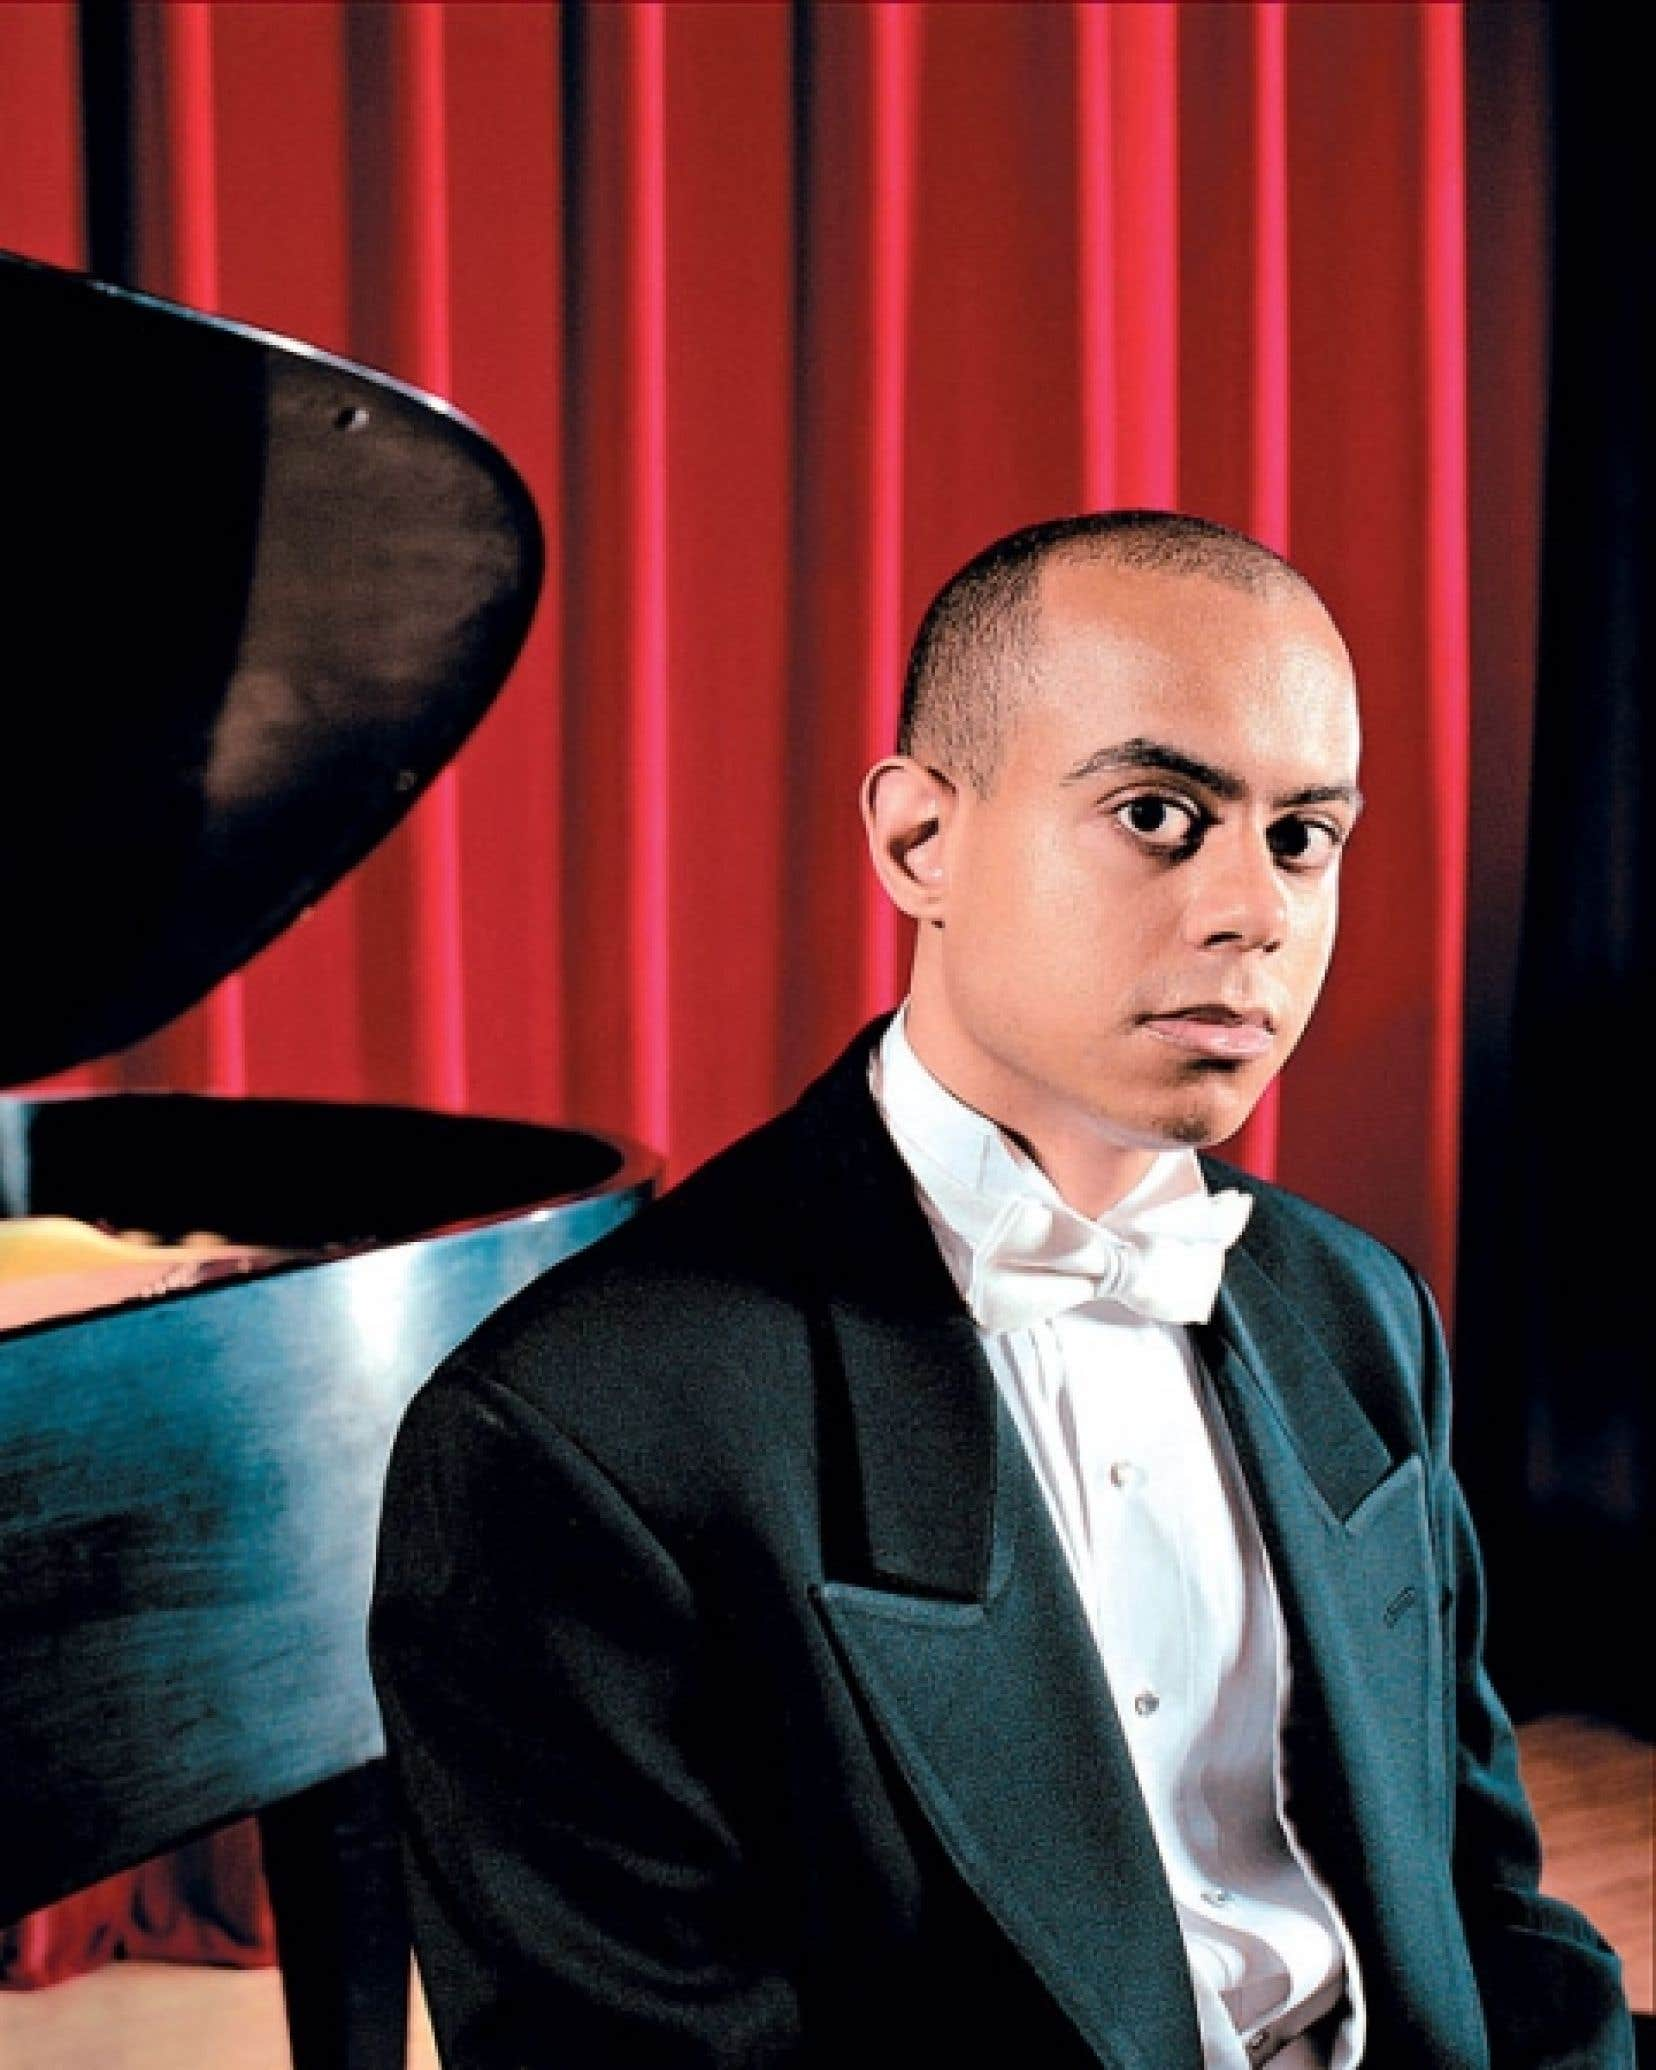 Stewart Goodyear, pianiste torontois de 34 ans